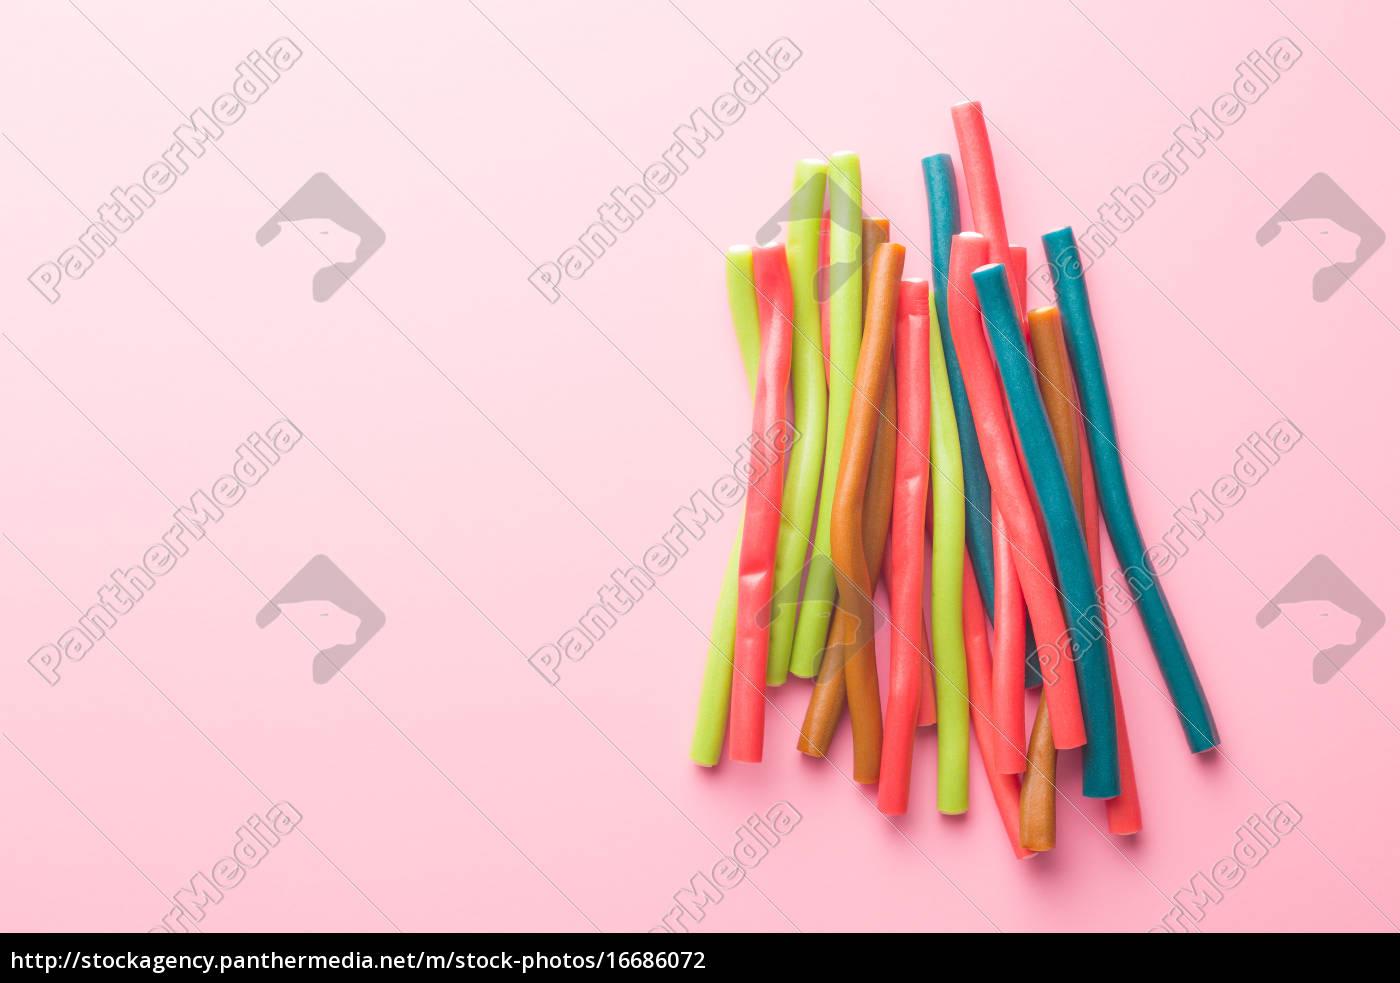 süße gummibärchen-sticks mit unterschiedlichen - Lizenzfreies Foto ...